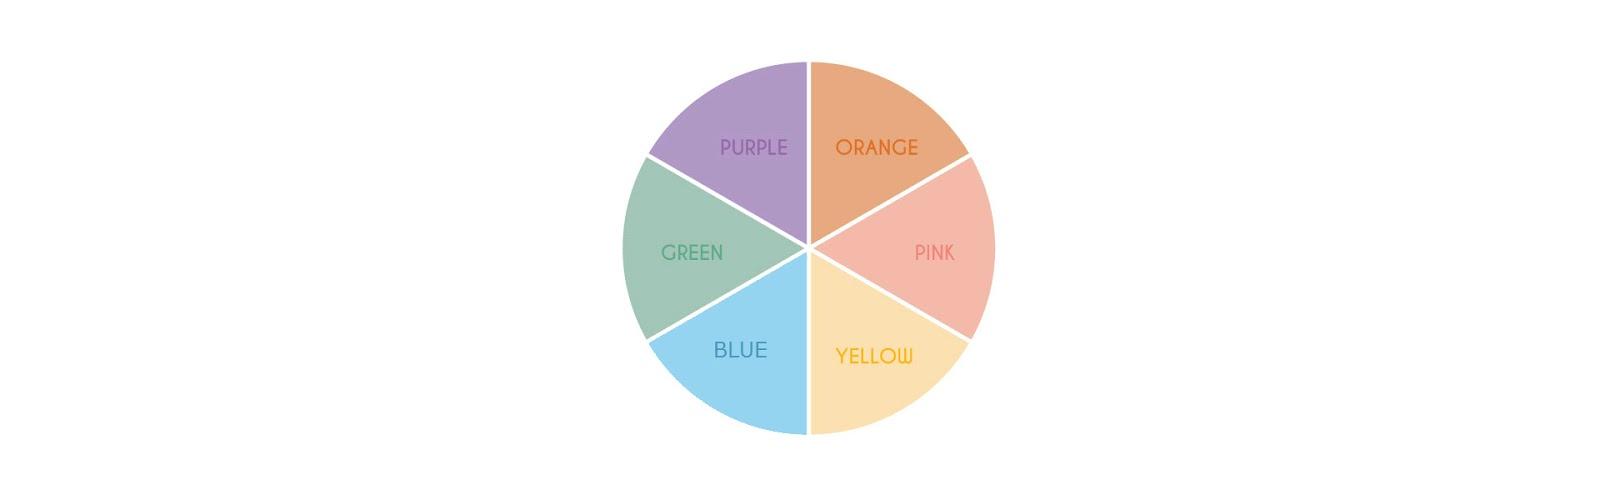 Corretivos%2B%2BColoridos%2Bcomo%2BUsar.%2B%25282%2529 - Corretivos  Coloridos como Usar